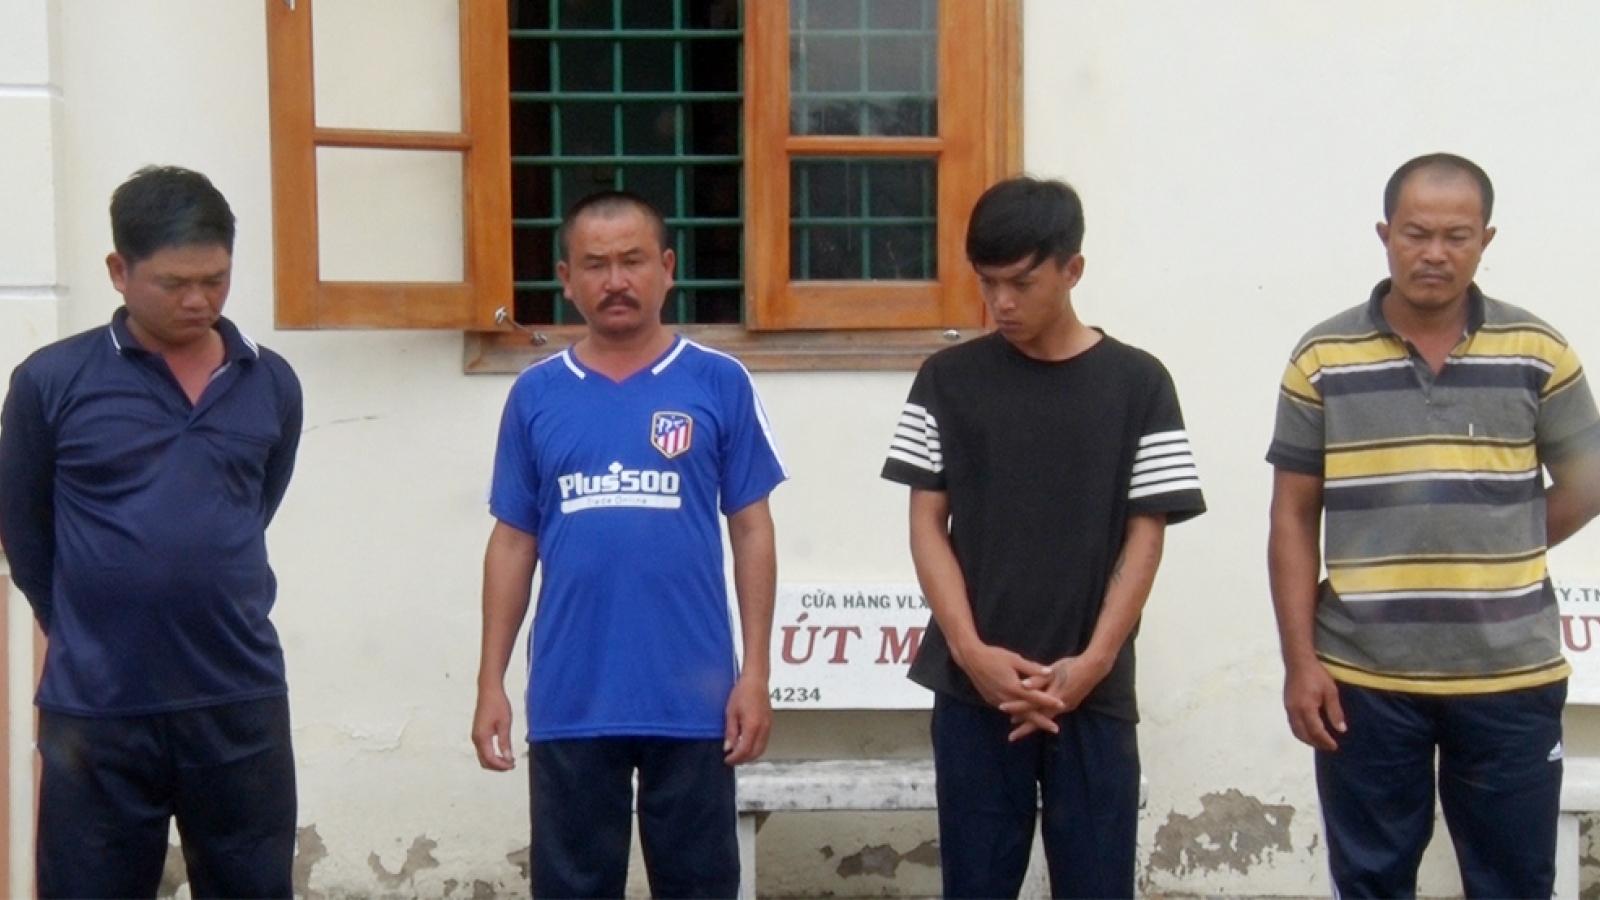 Chơi đá gà nợ tiền, nam thanh niên bị bắt về nhà đánh đập